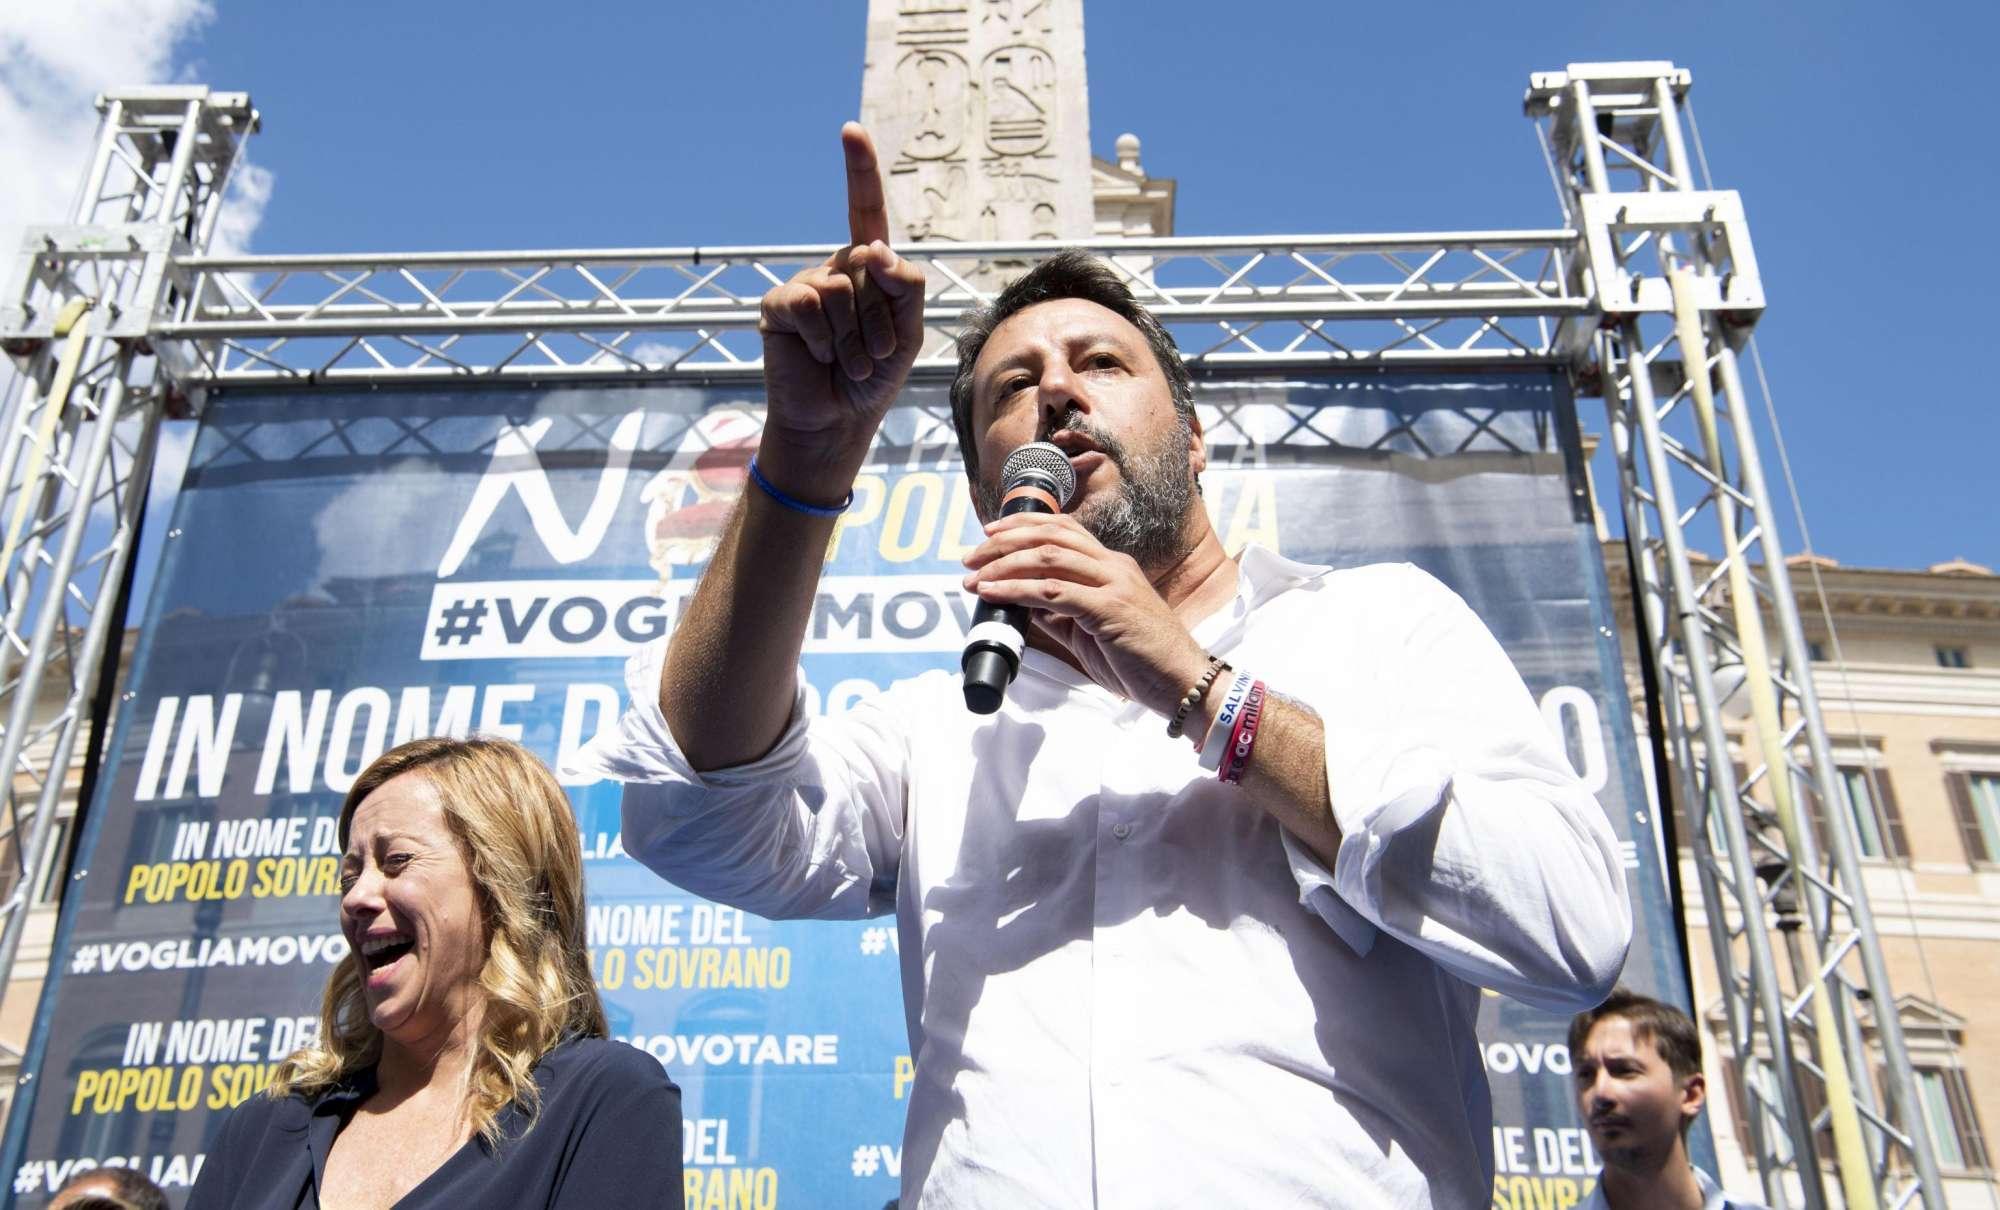 Lega e Fratelli d Italia in piazza contro il governo giallorosso